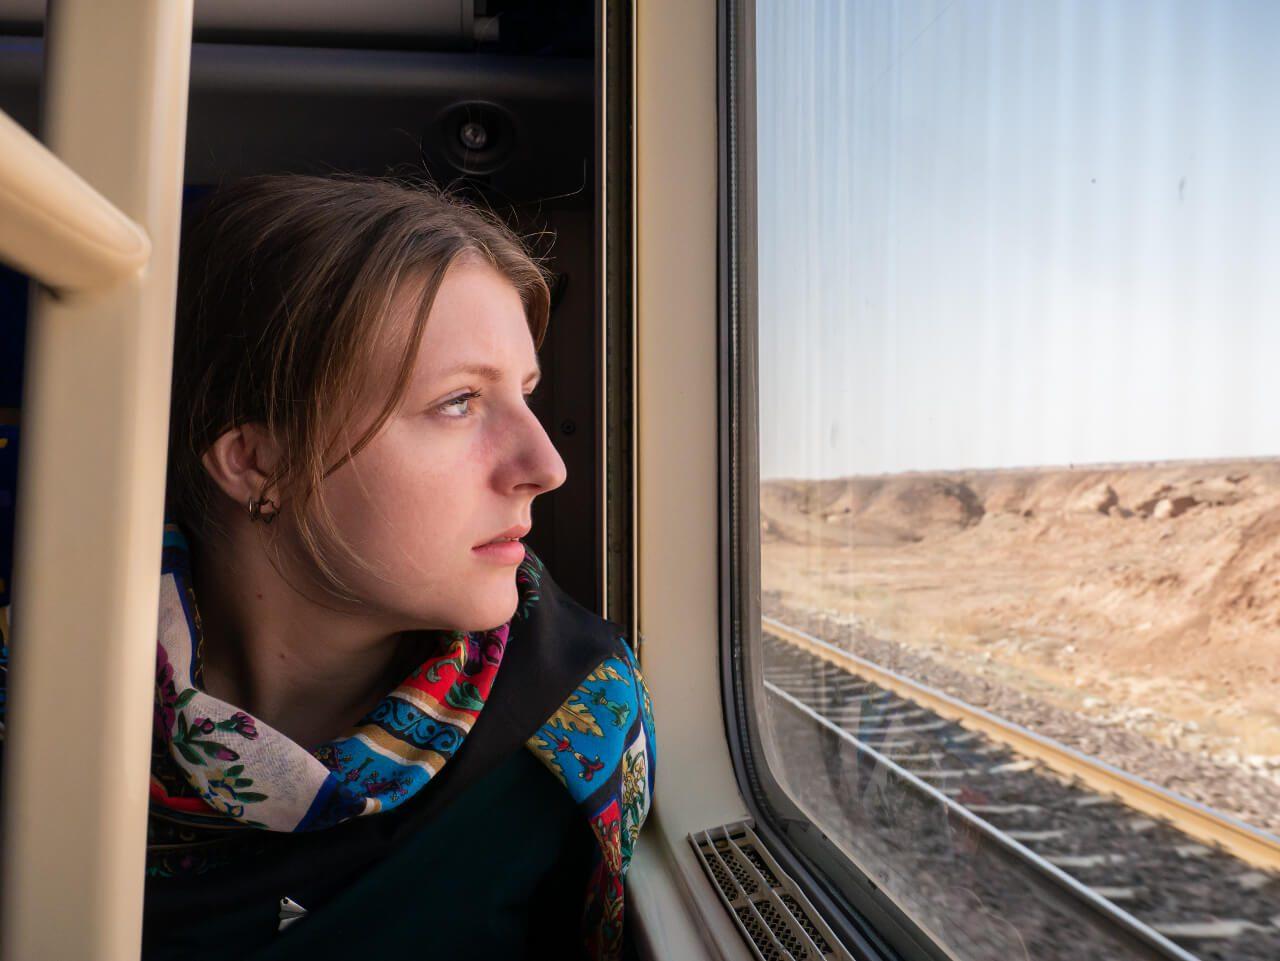 Natalia patrzy przez okno w pociągu do Shiraz